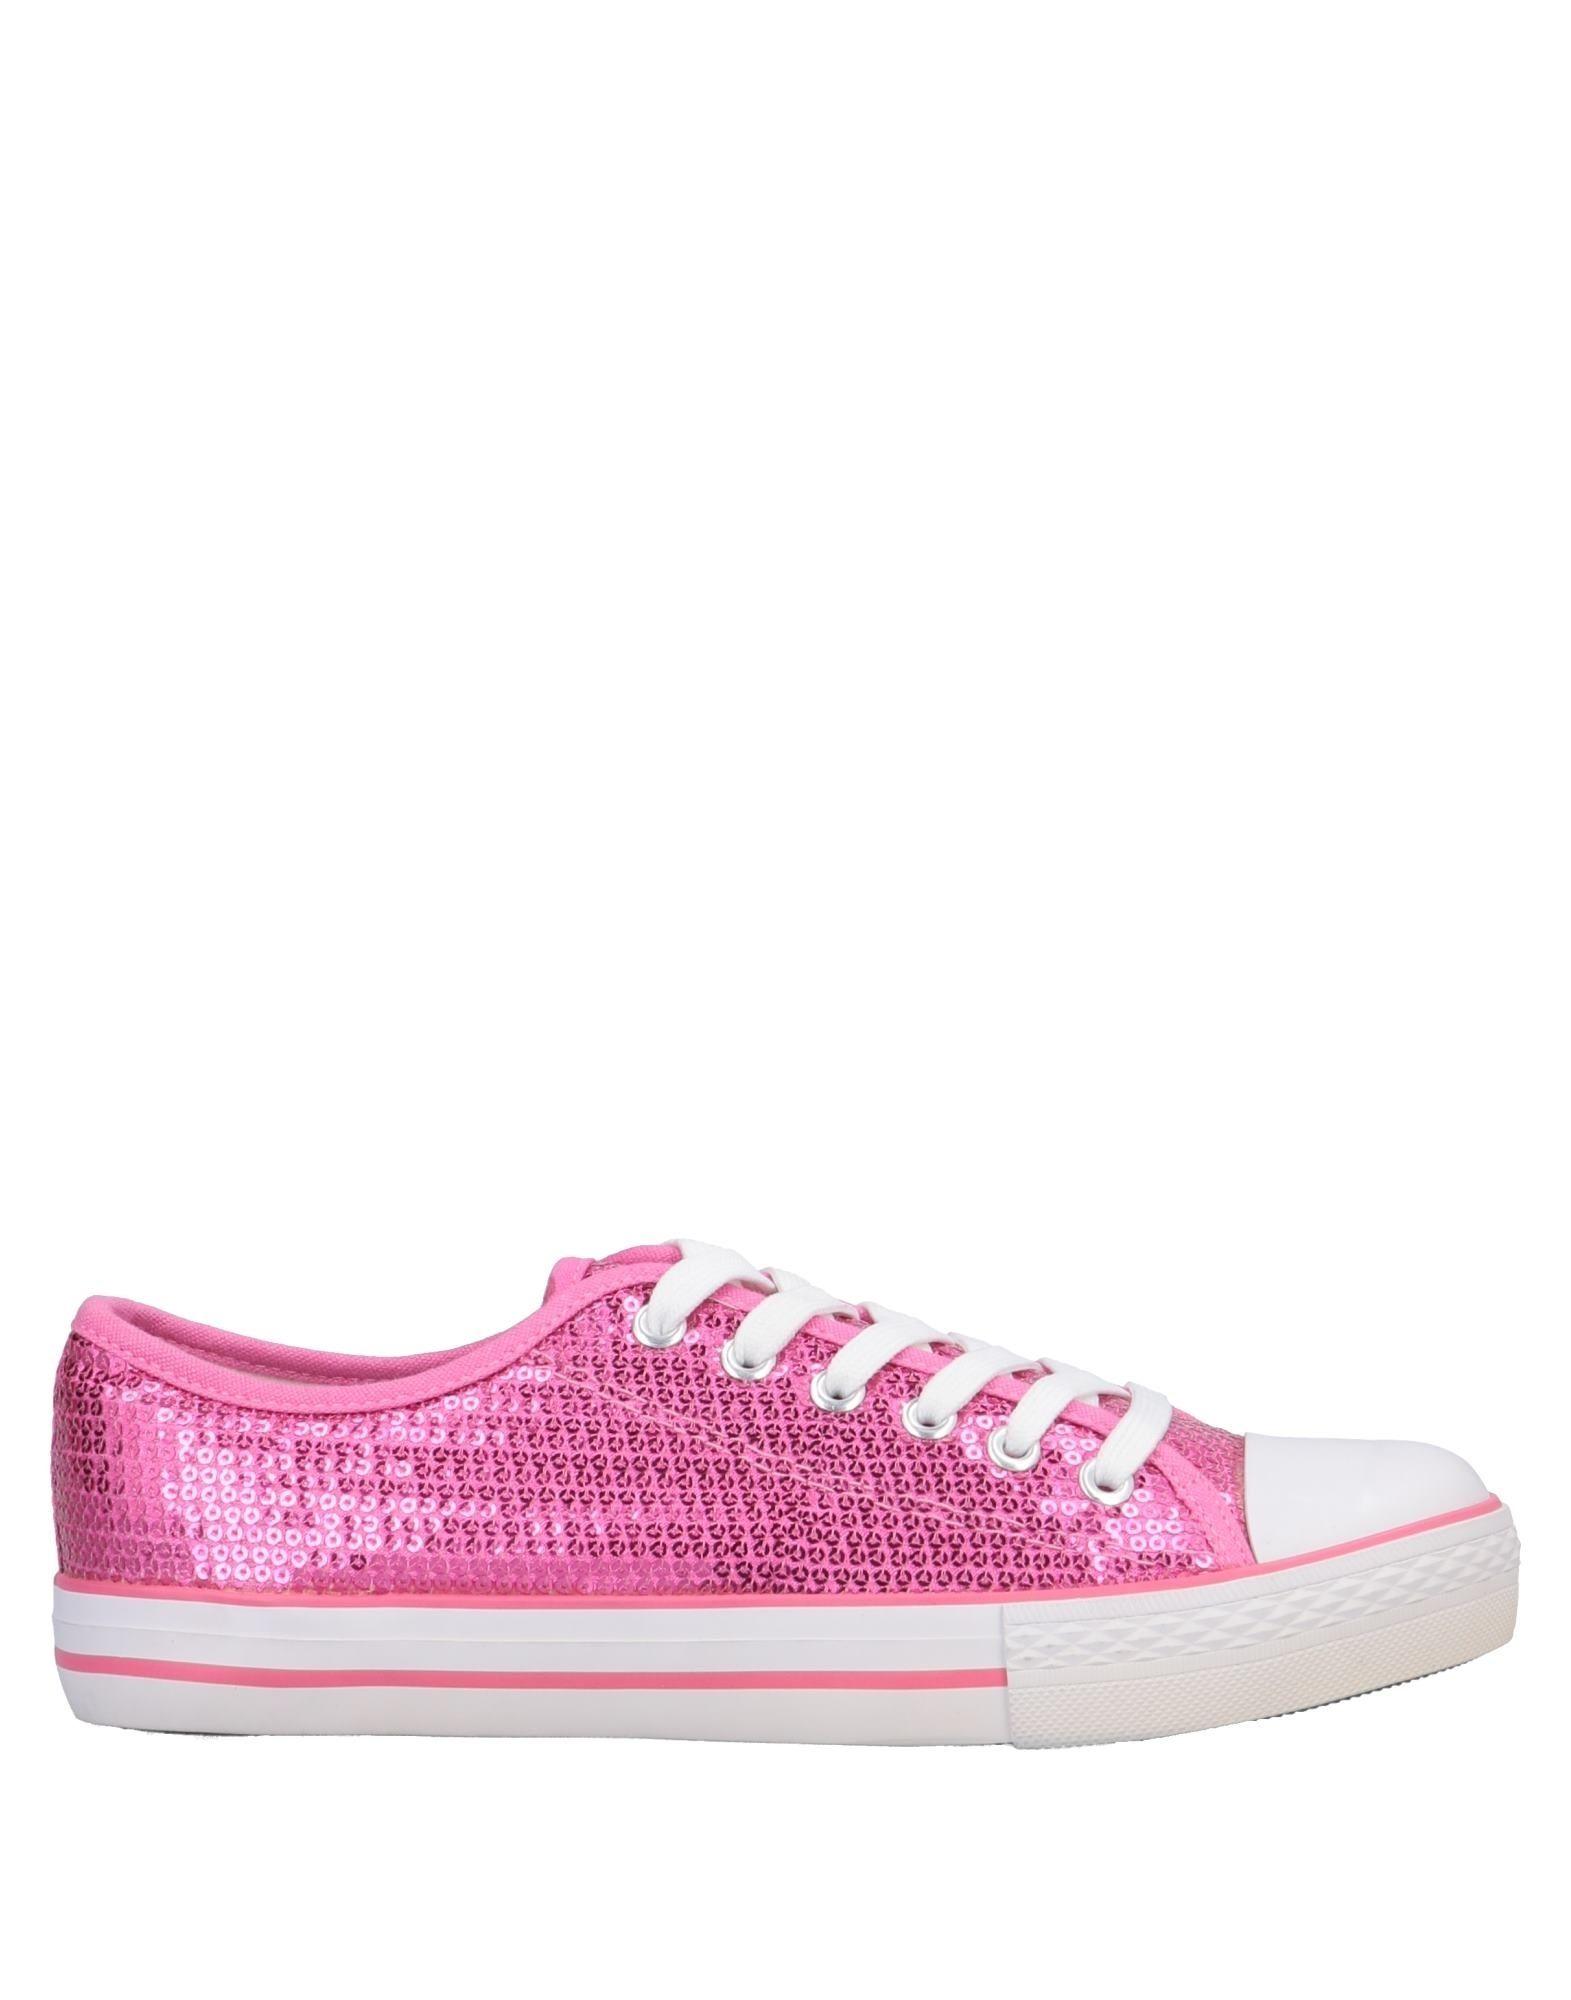 Cafènoir Sneakers - Women  Cafènoir Sneakers online on  Women Australia - 11558890RR fb1604